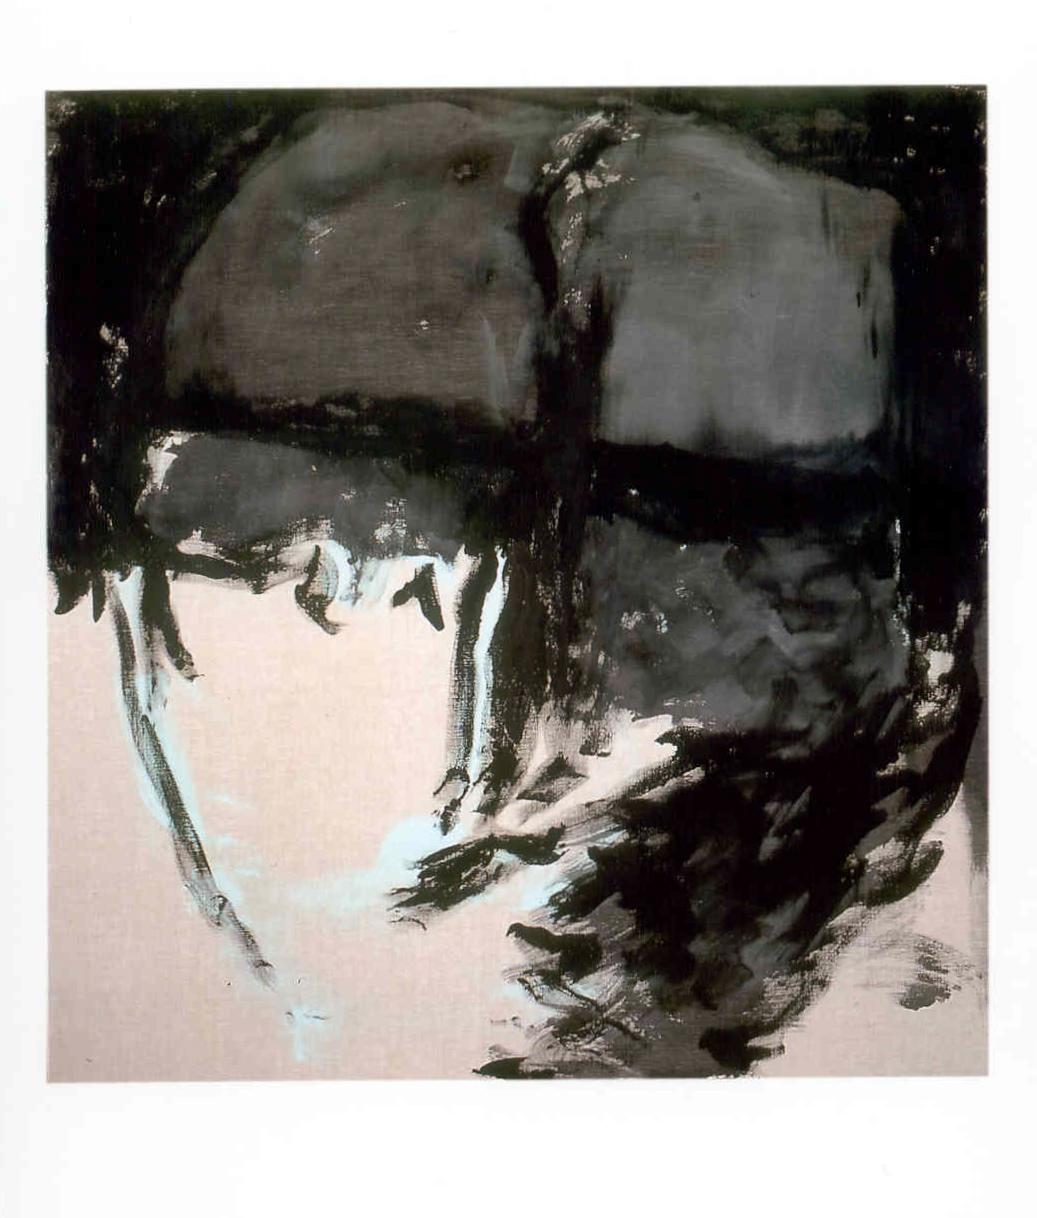 Ritratto in nero, 2000, tempera acrilica su tela, cm 200 x 190  Ritratto in nero, 2000, acrylic on canvas, cm 200 x 190